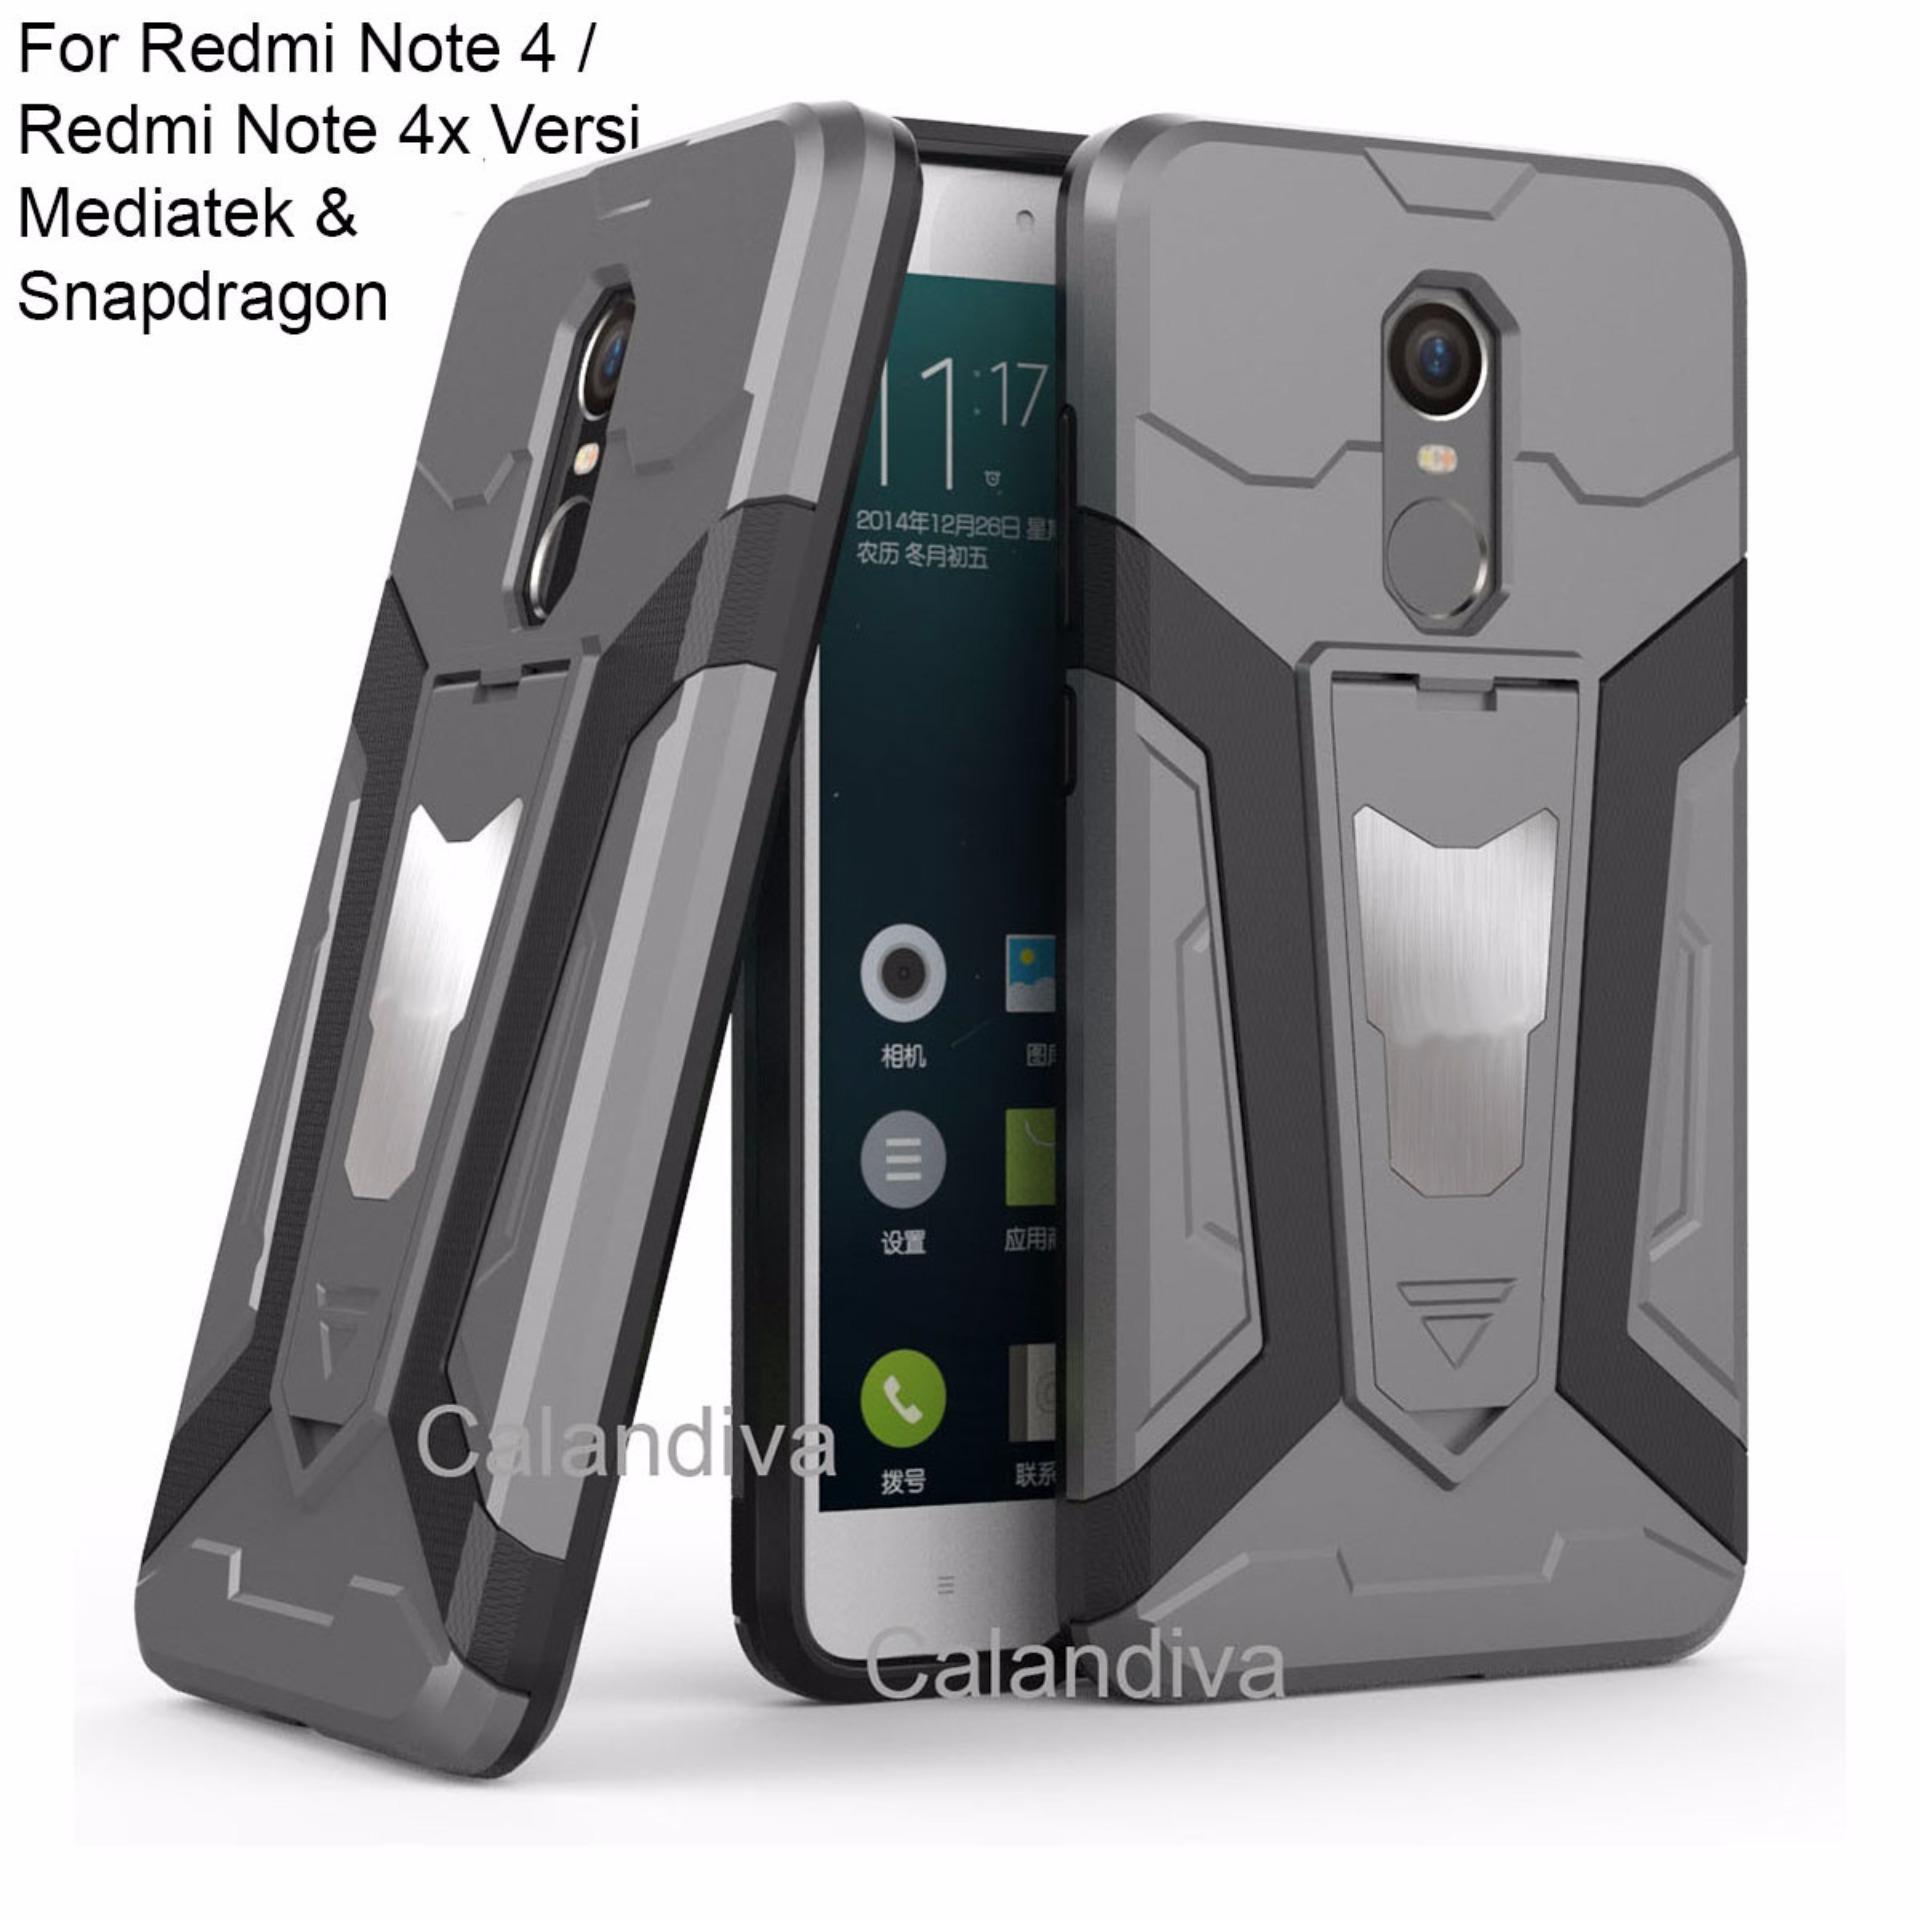 ... Calandiva Transformer Kickstand Slim Armor Hardcase for Xiaomi Redmi Note 4X / Redmi Note 4 Versi ...